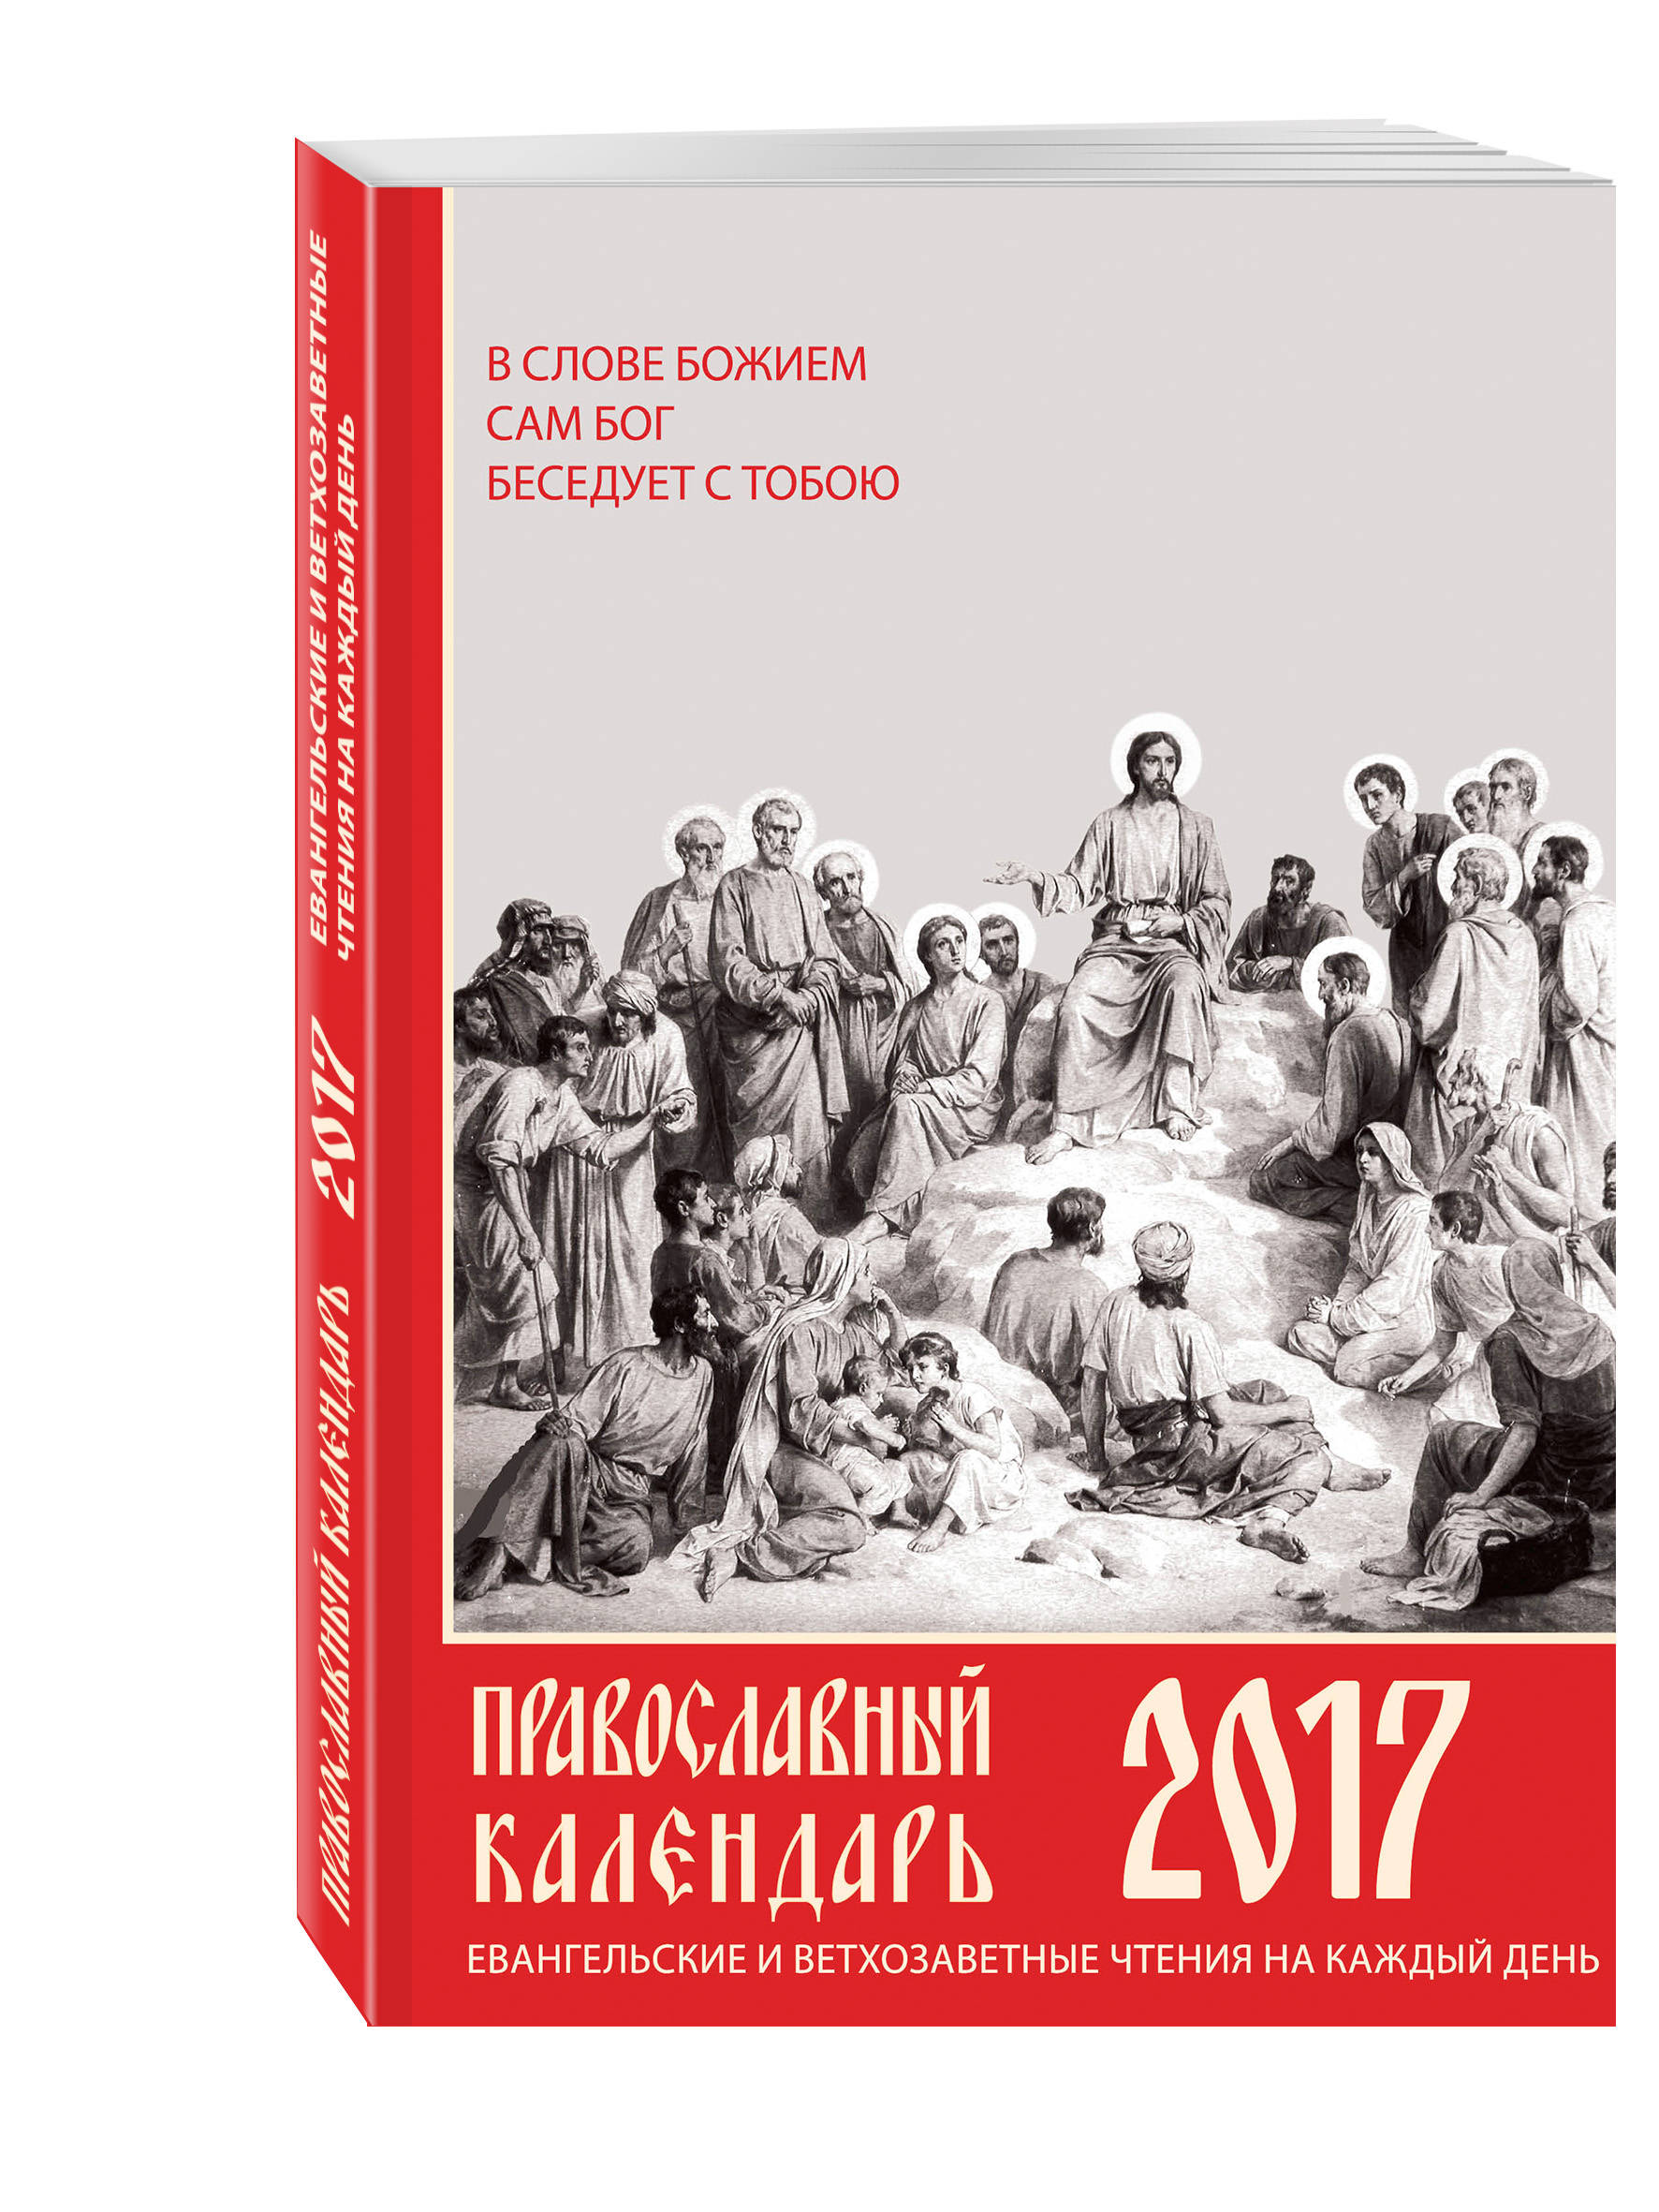 Евангельские и ветхозаветные чтения на каждый день. Православный календарь на 2017 год